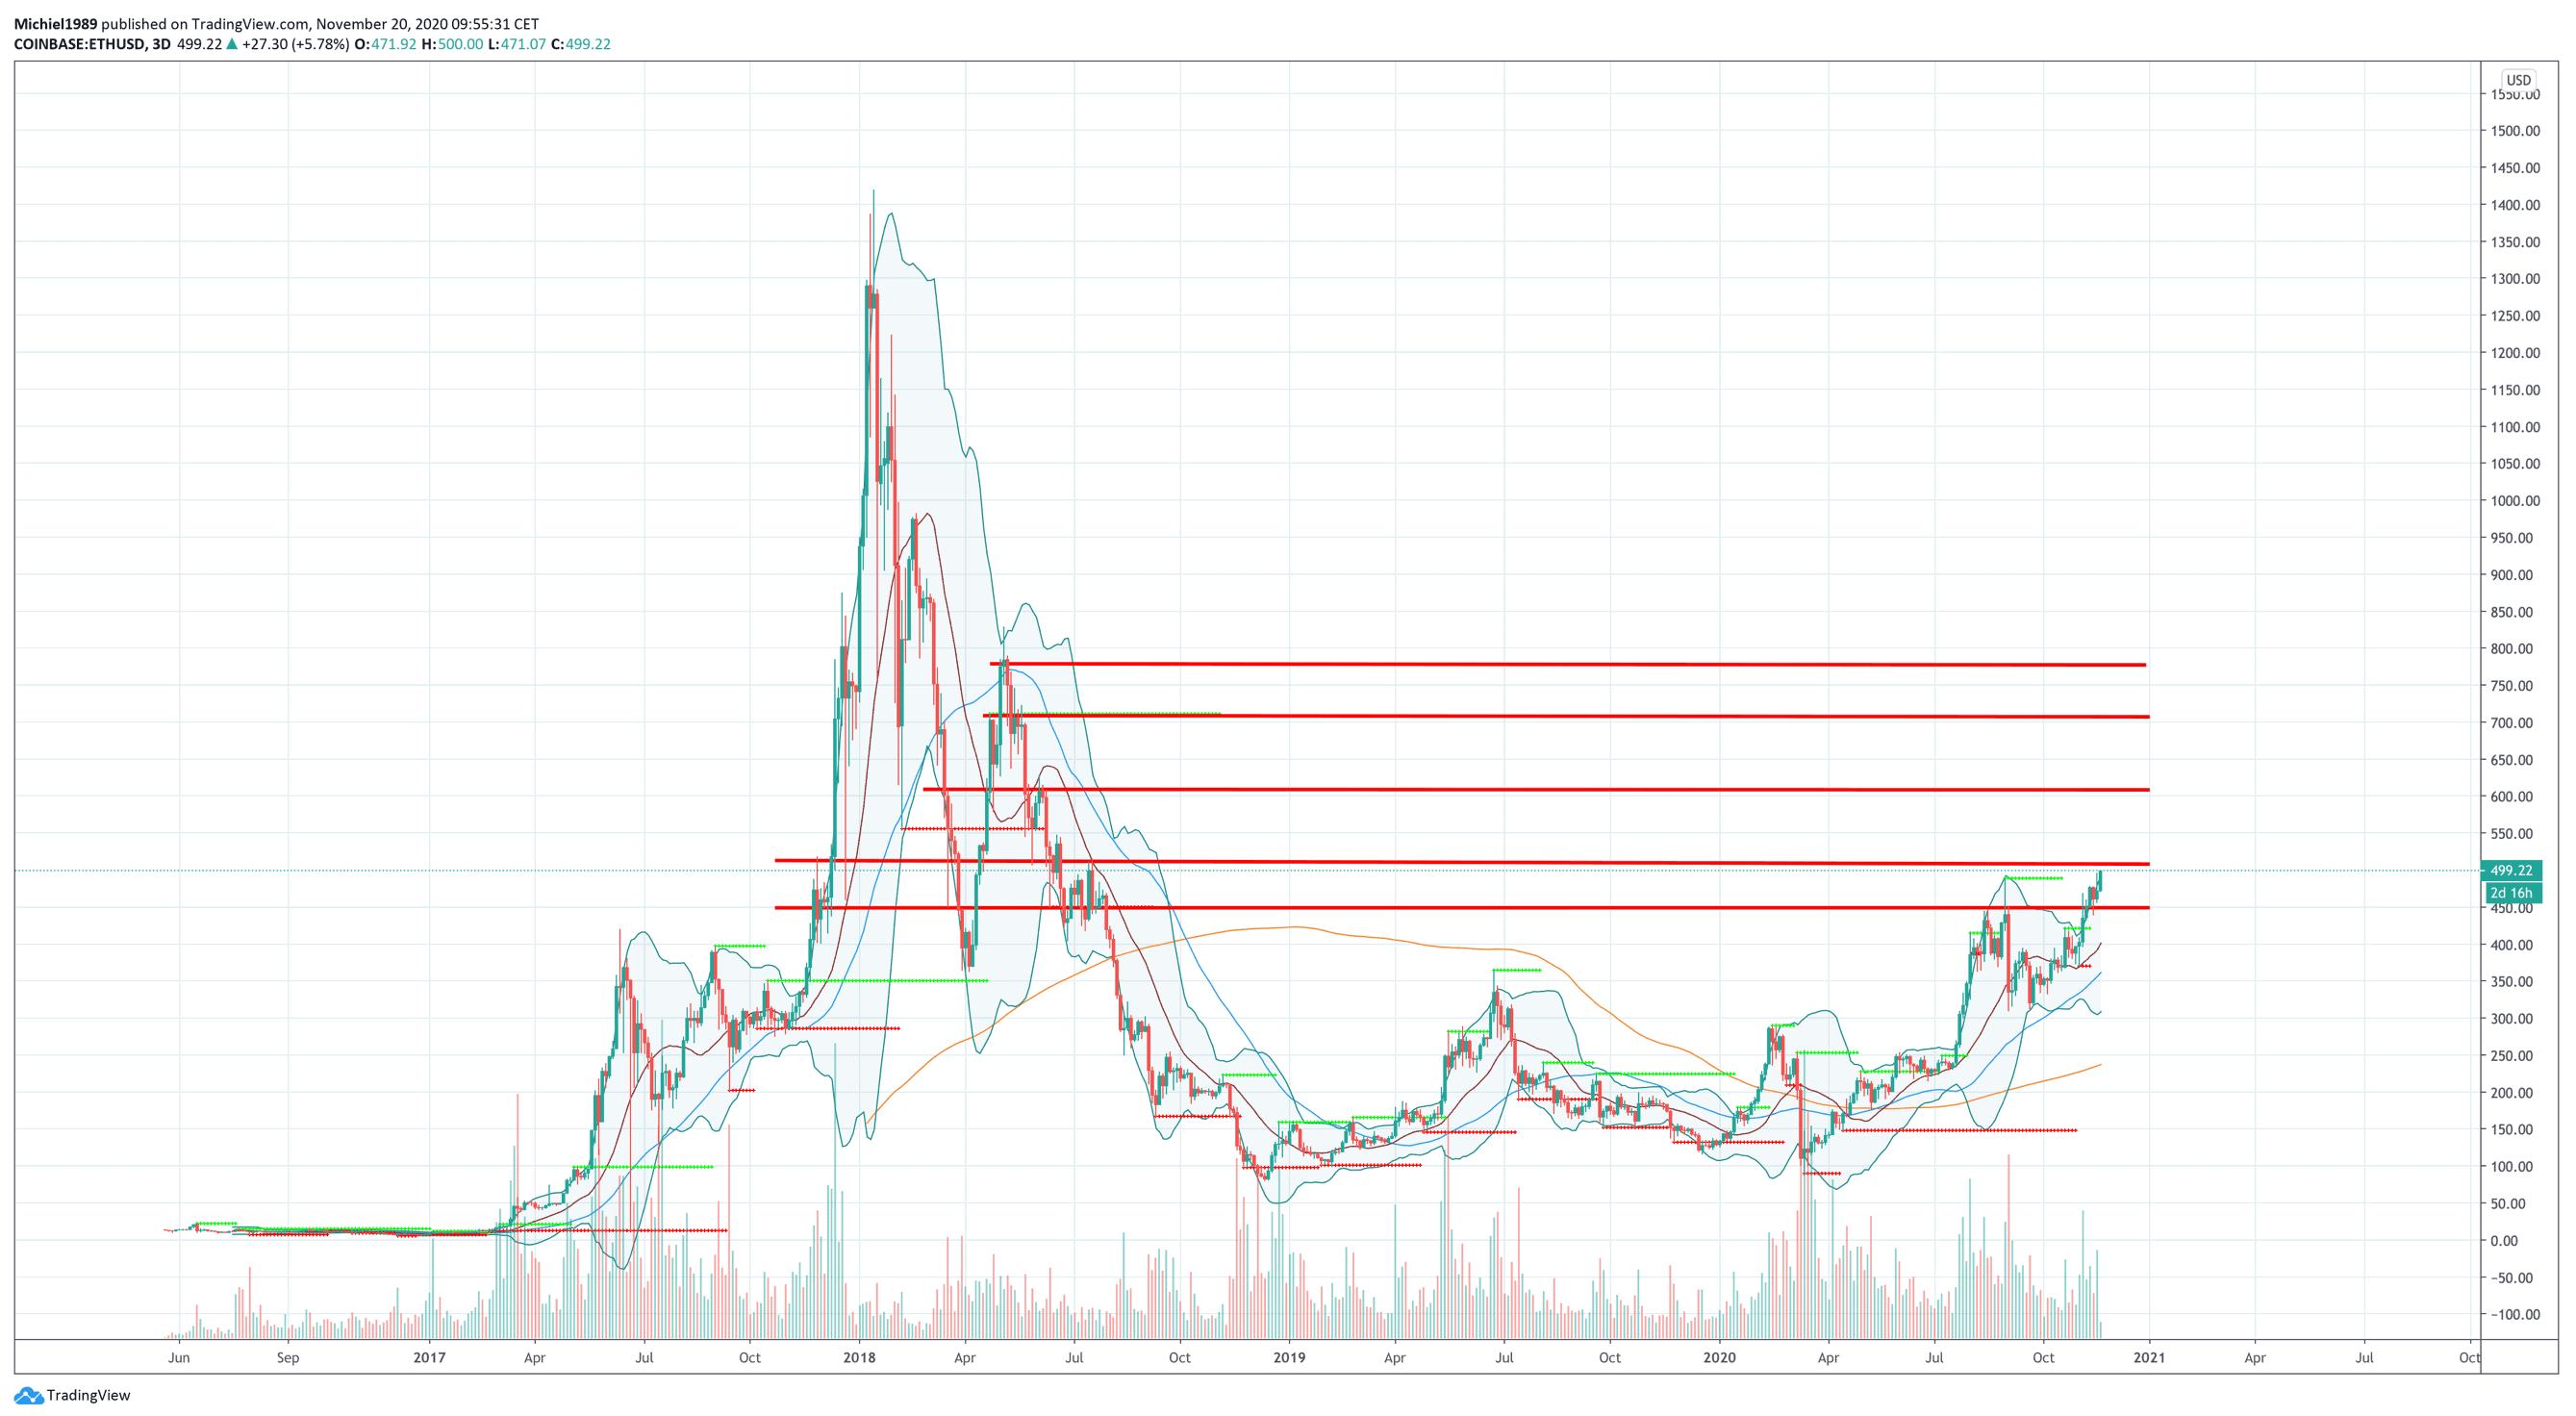 bitcoin_koers_goed_op_weg_all_time_high_voor_het_grijpen_ETH_grafiek